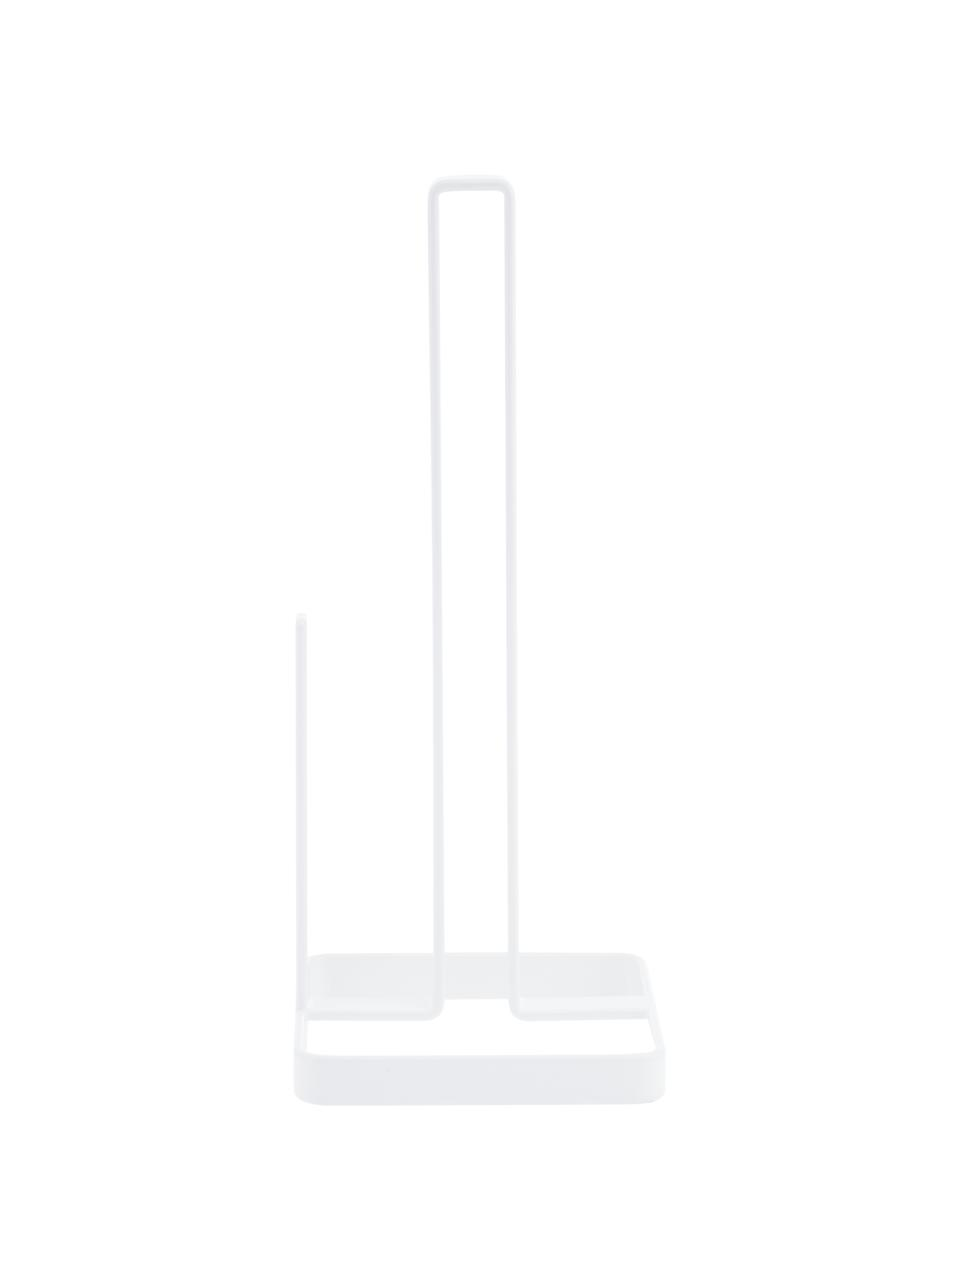 Küchenrollenhalter Tower, Stahl, beschichtet, Weiß, 11 x 27 cm